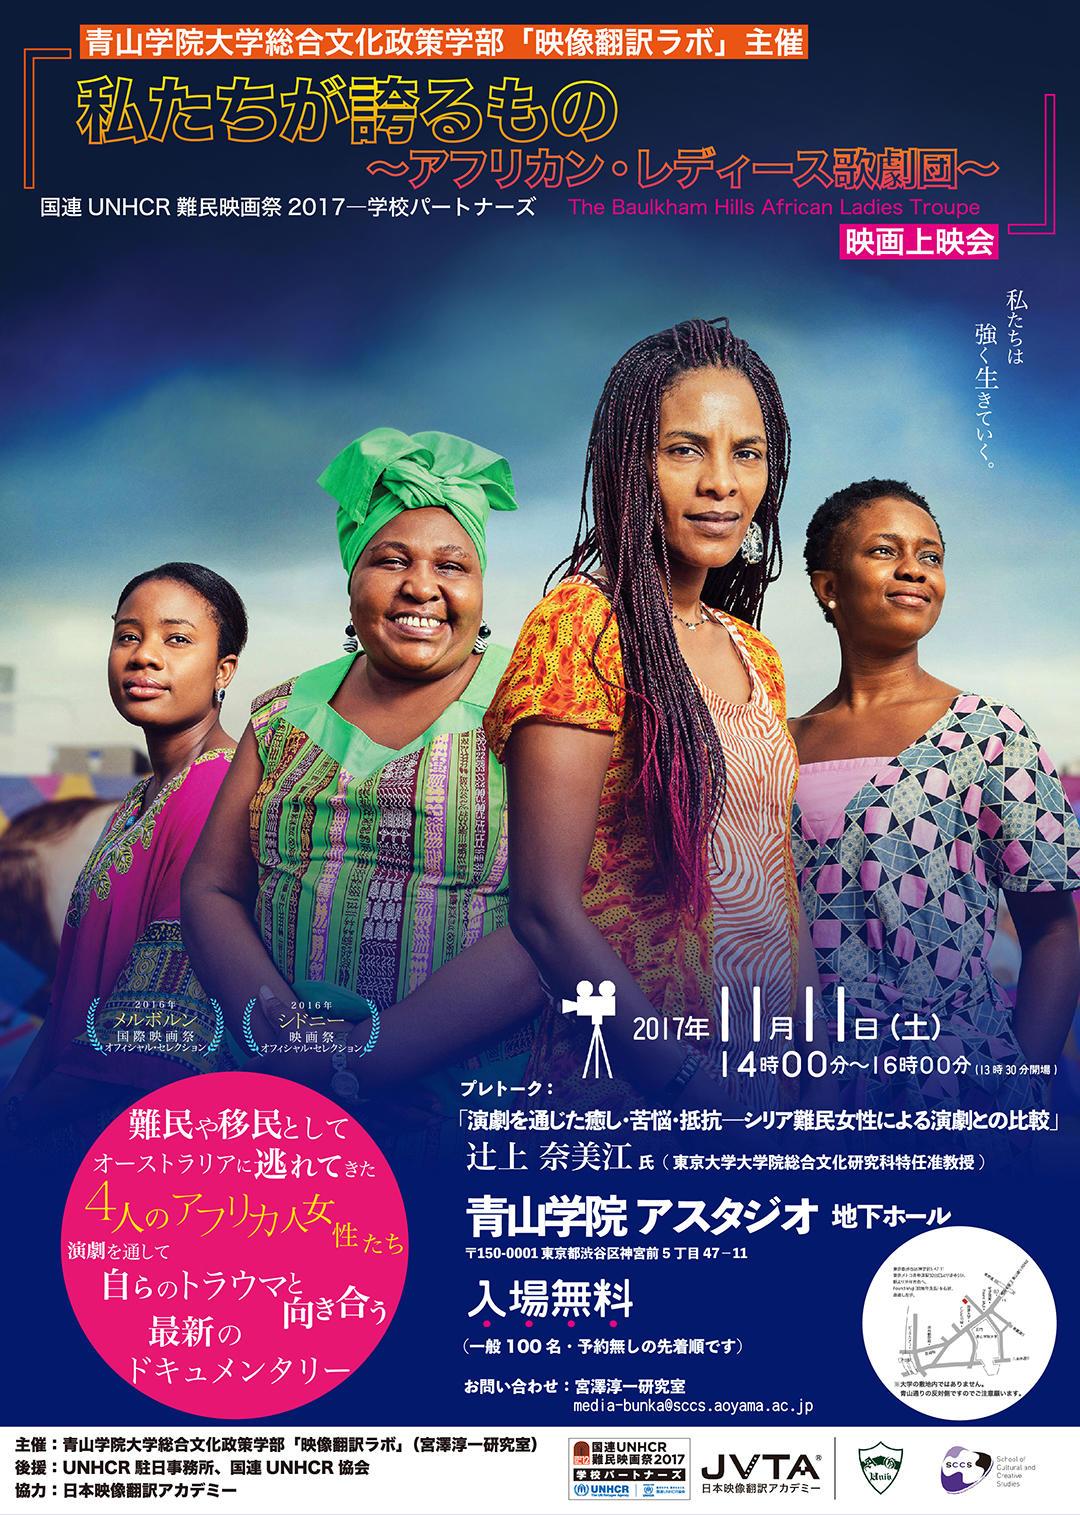 青山学院大学が11月11日(土)に、学生が字幕を担当した映画『私たちが誇るもの~アフリカン・レディース歌劇団~』の上映会を開催 -- 「第12回国連UNHCR難民映画祭2017」参加イベント